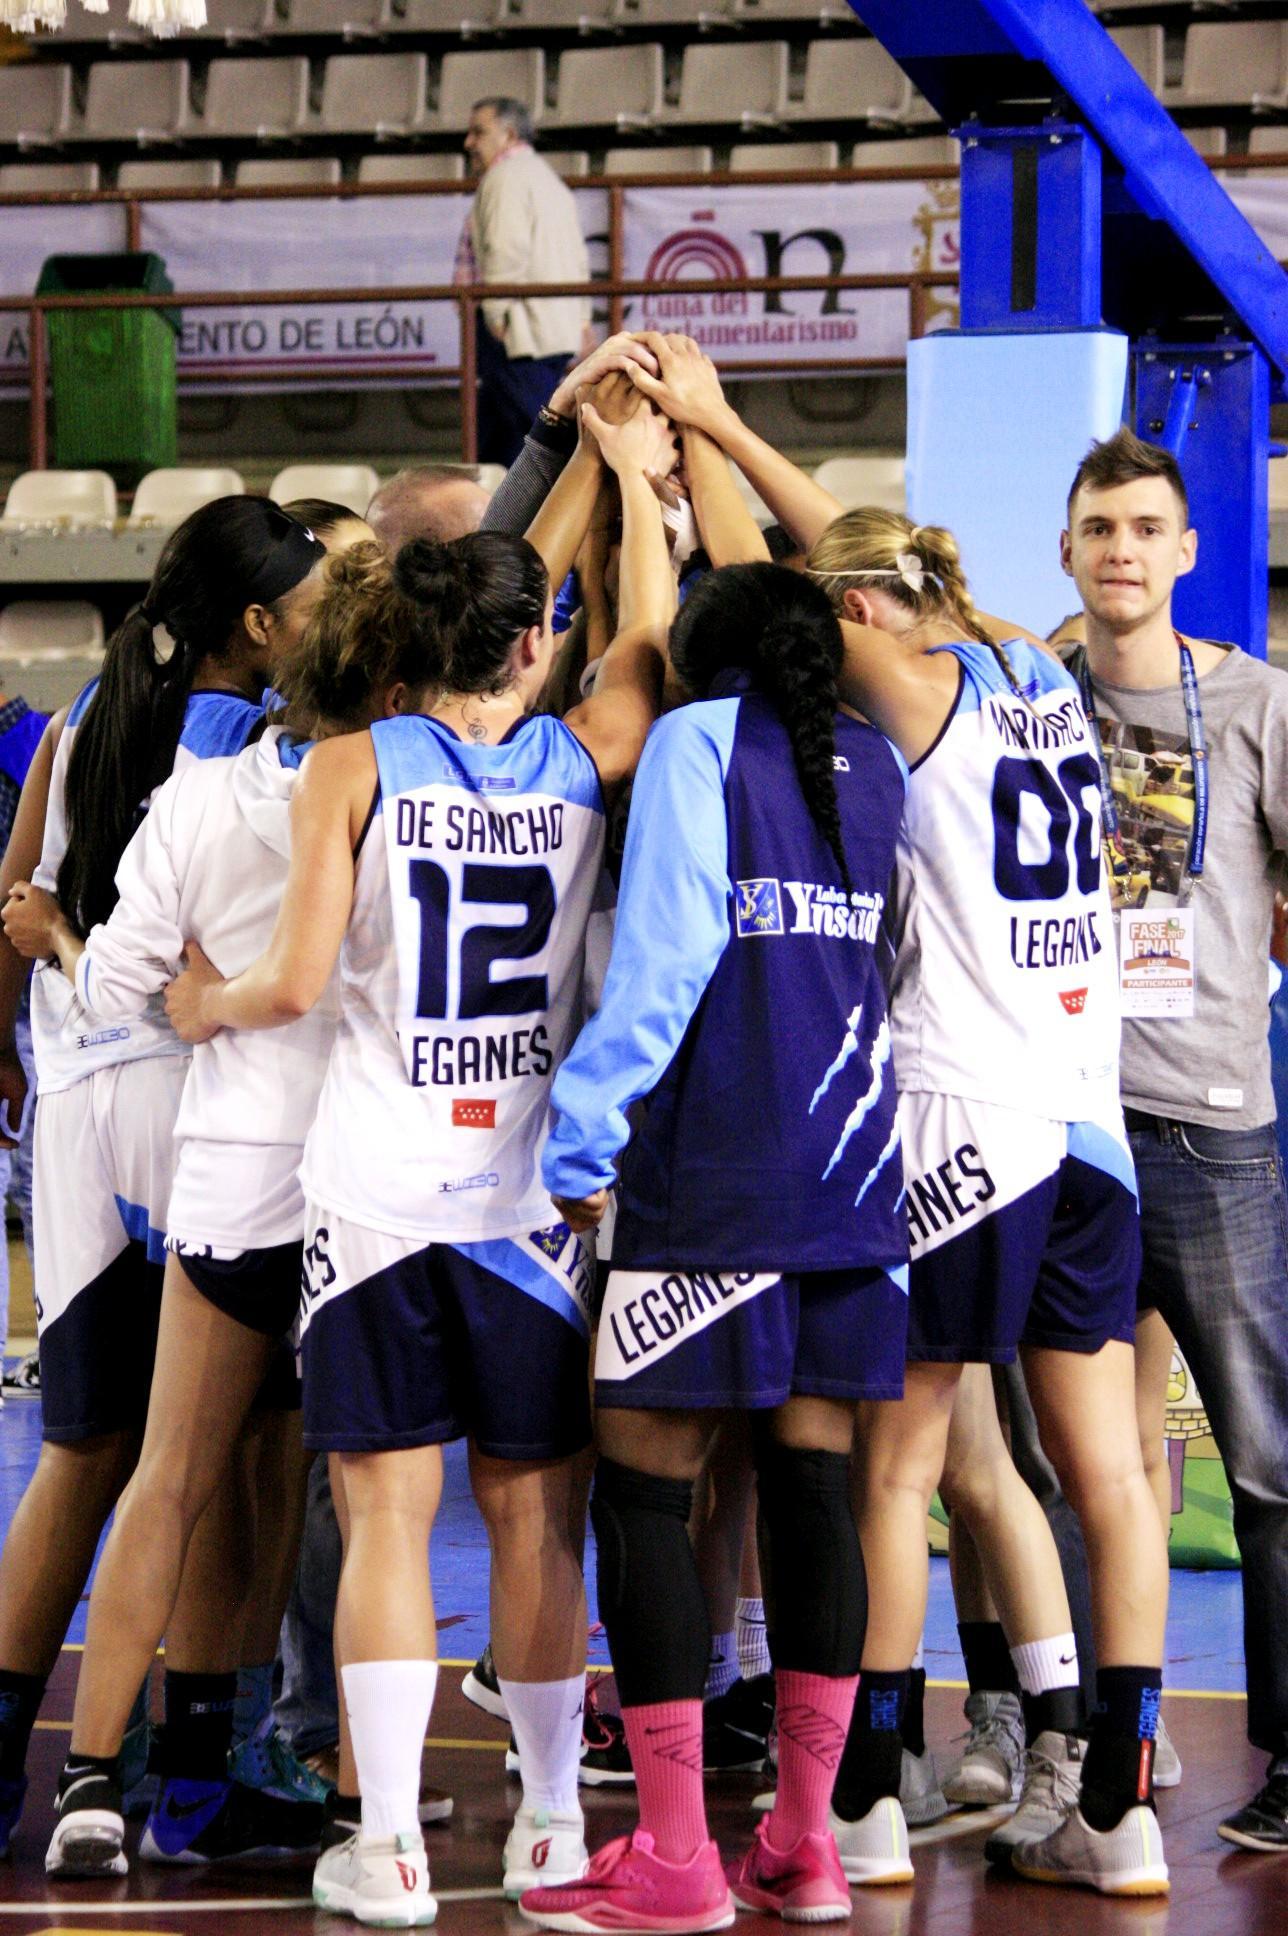 Celebrando la victoria Foto: Lourdes Getino